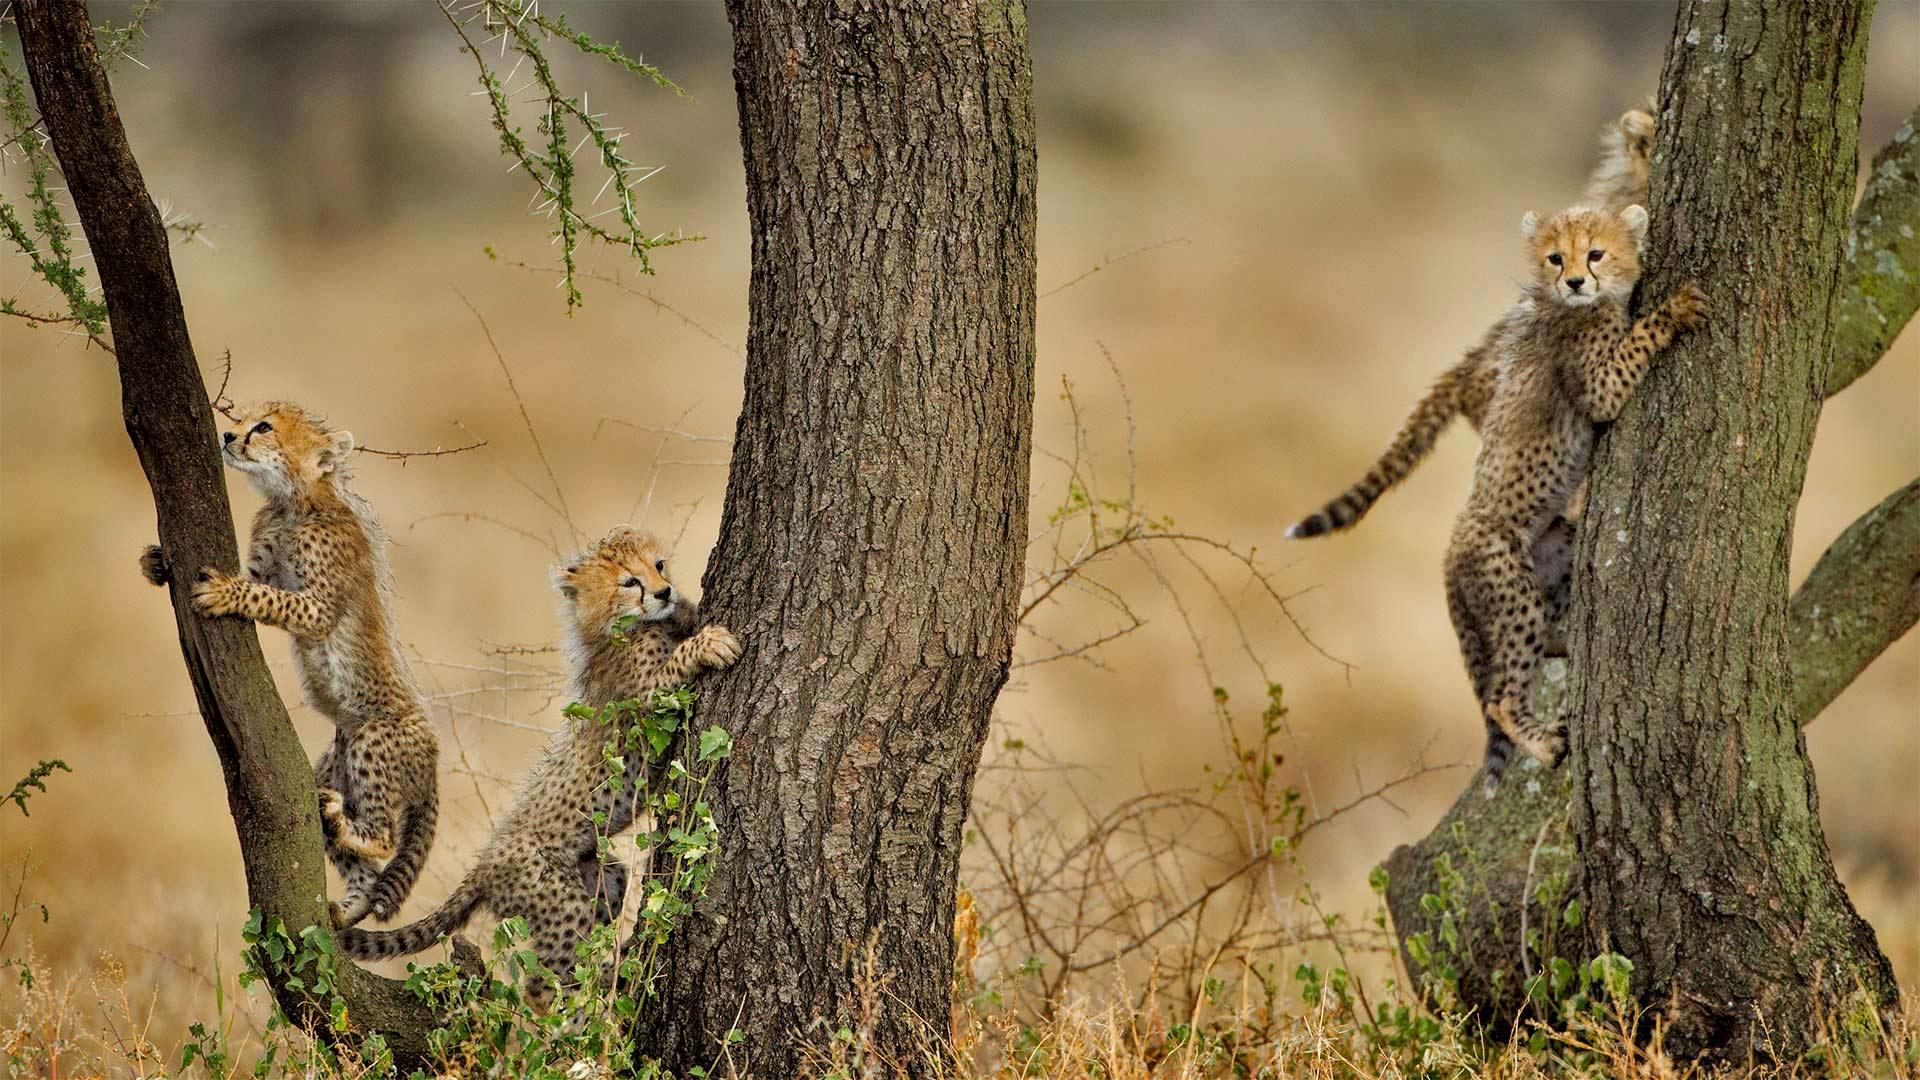 「アカシアの木に登るチーターの子どもたち」タンザニア, ンゴロンゴロ保全地域 (© Paul Souders/Getty Images)